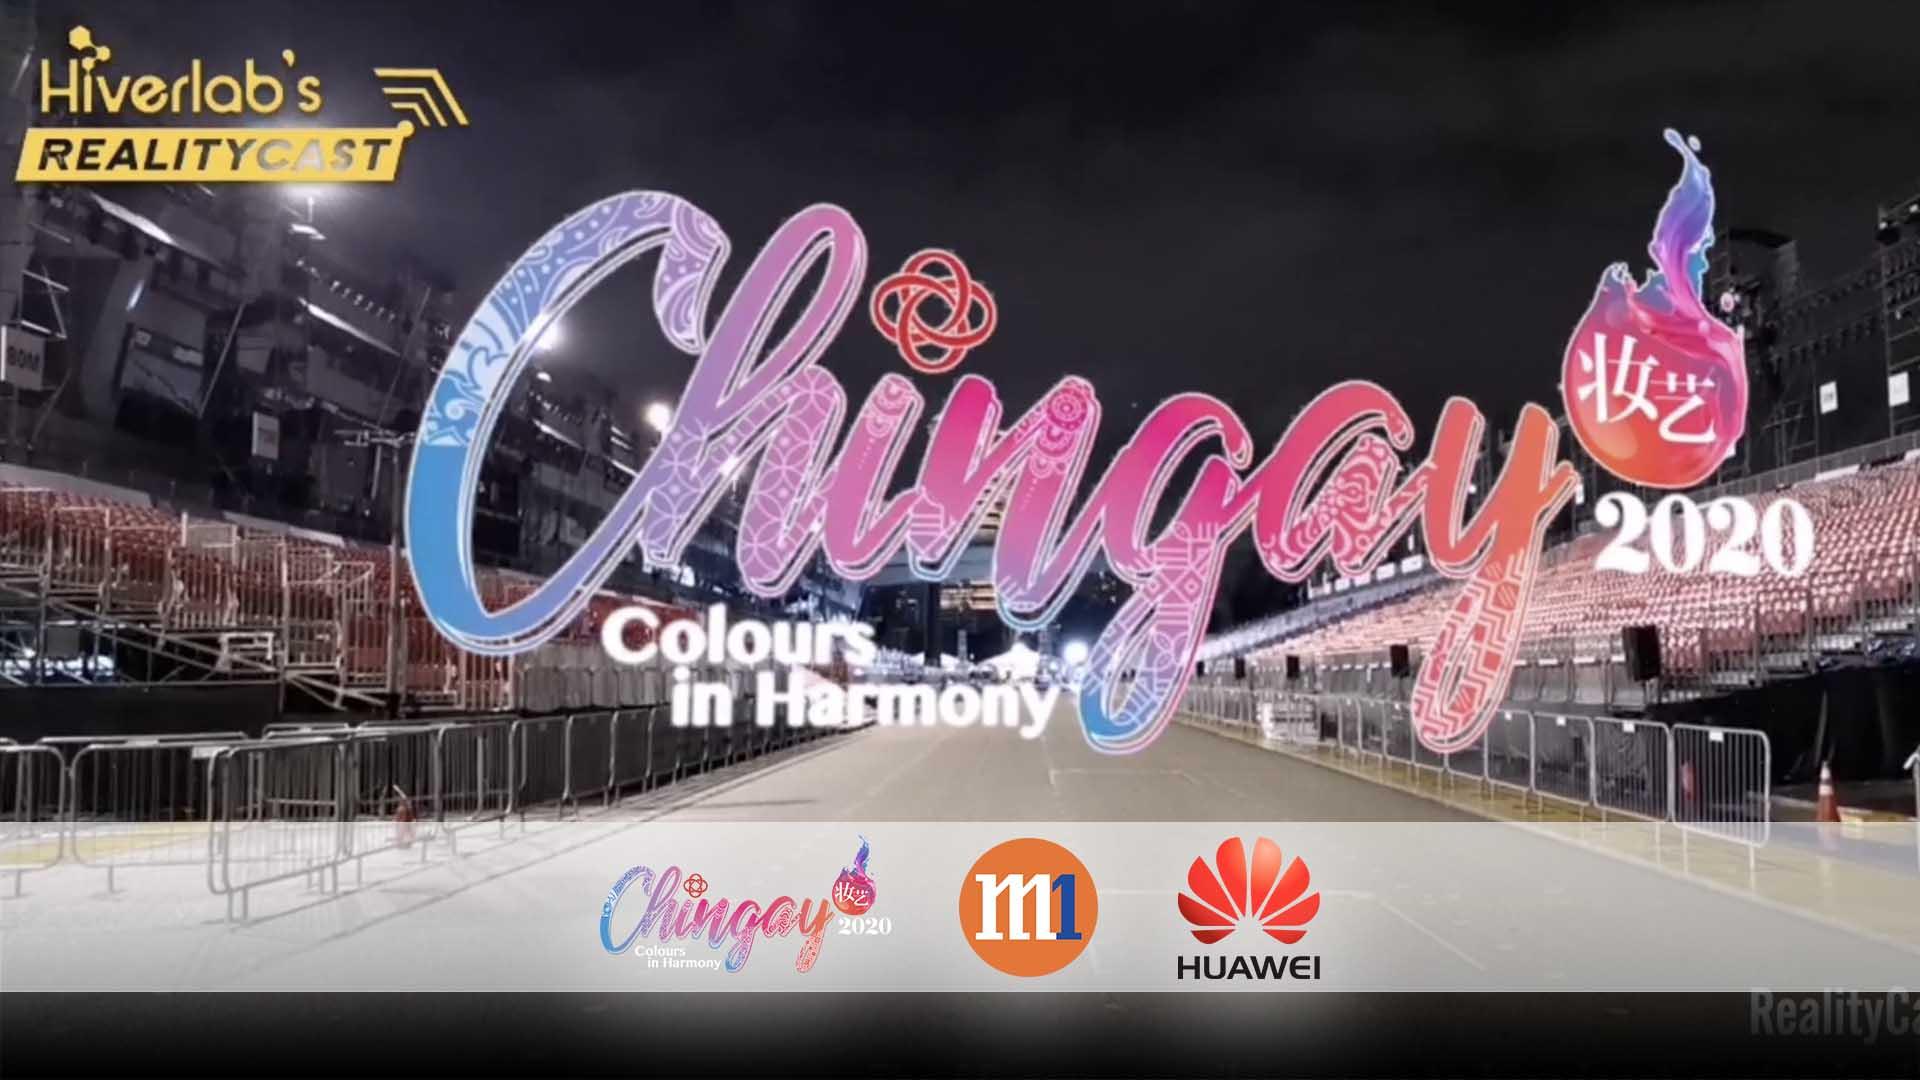 5G AR Broadcasting at Chingay 2020